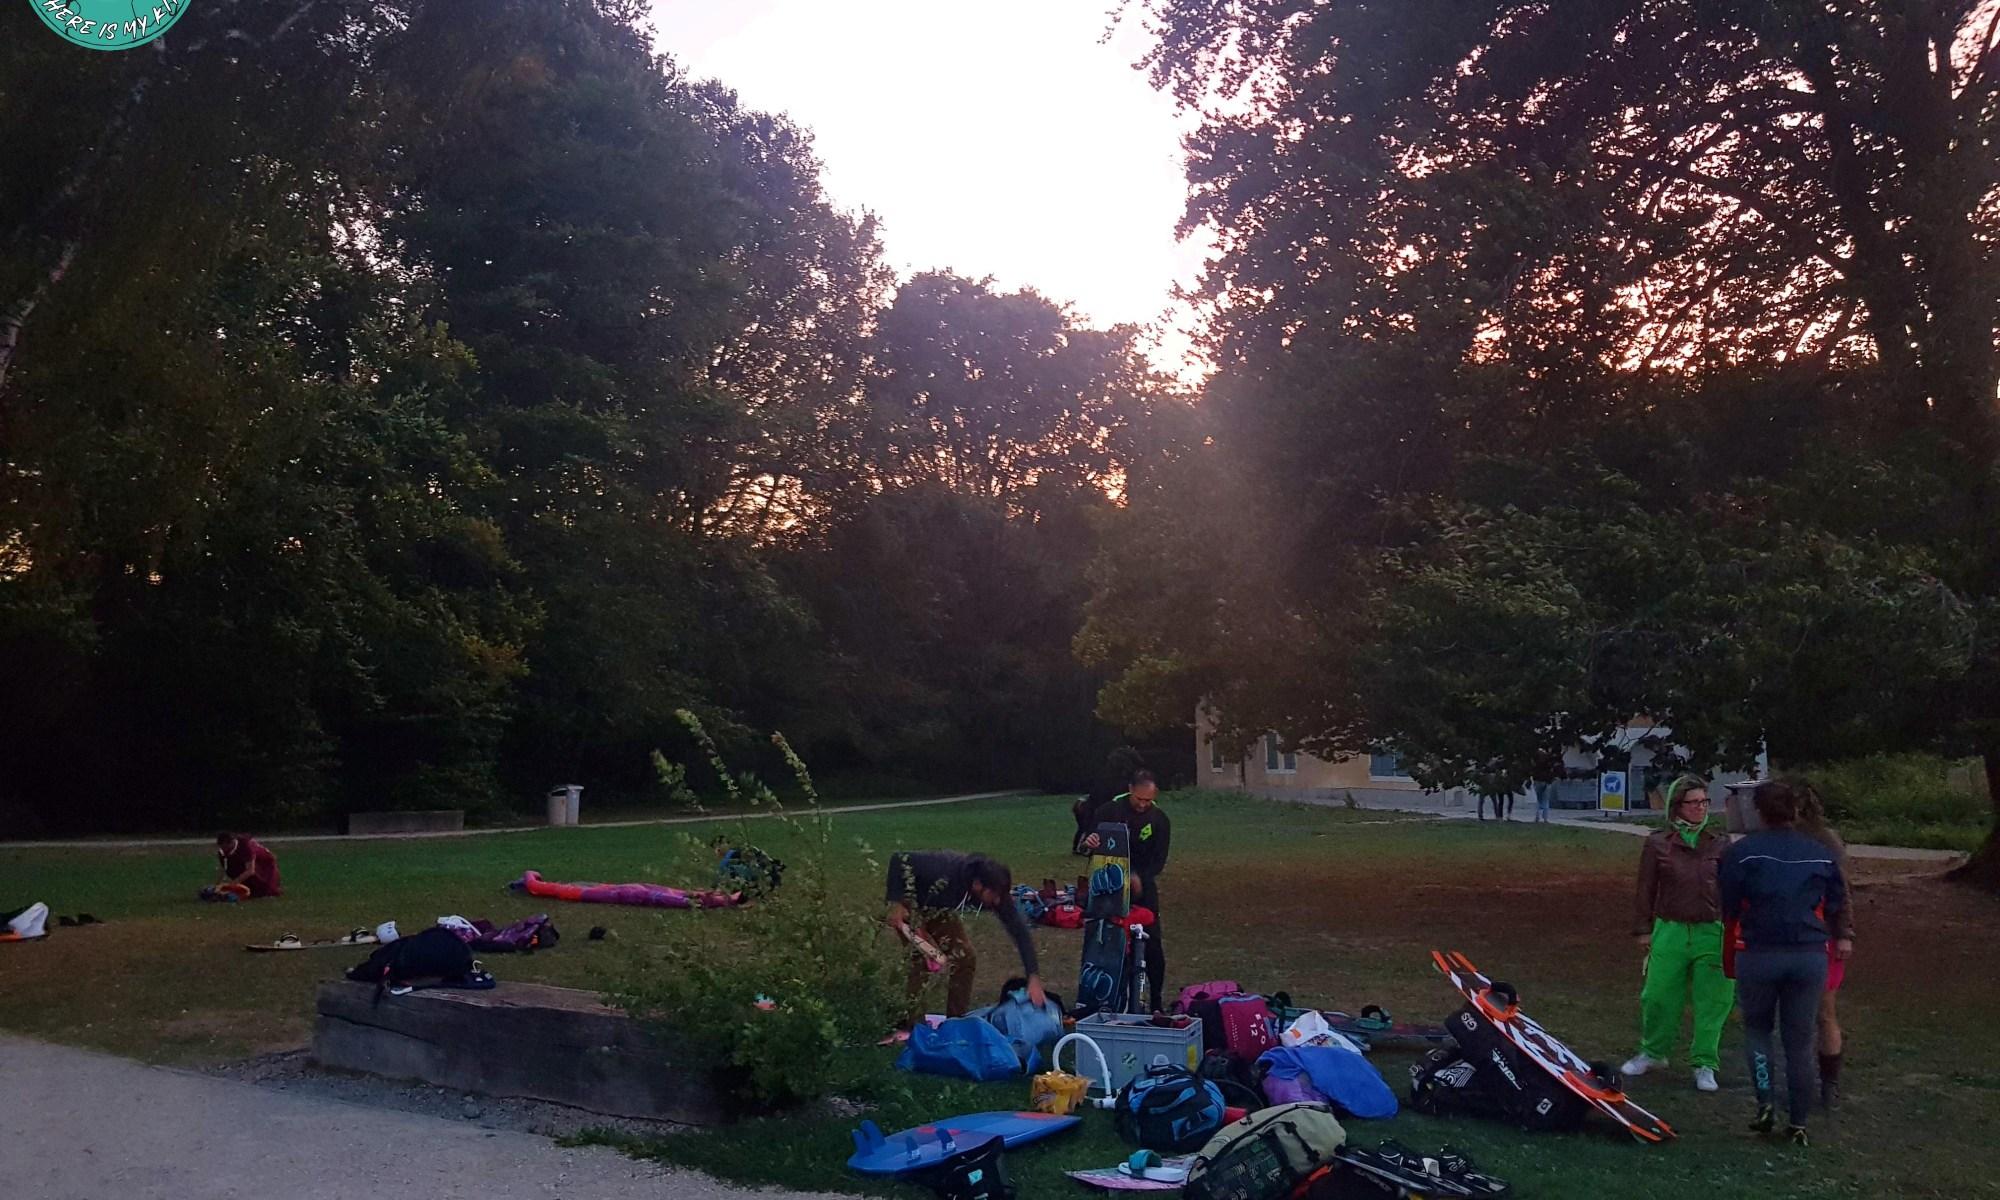 Spote de kite de Versoix, parc de la Bécassine, Genève, Suisse